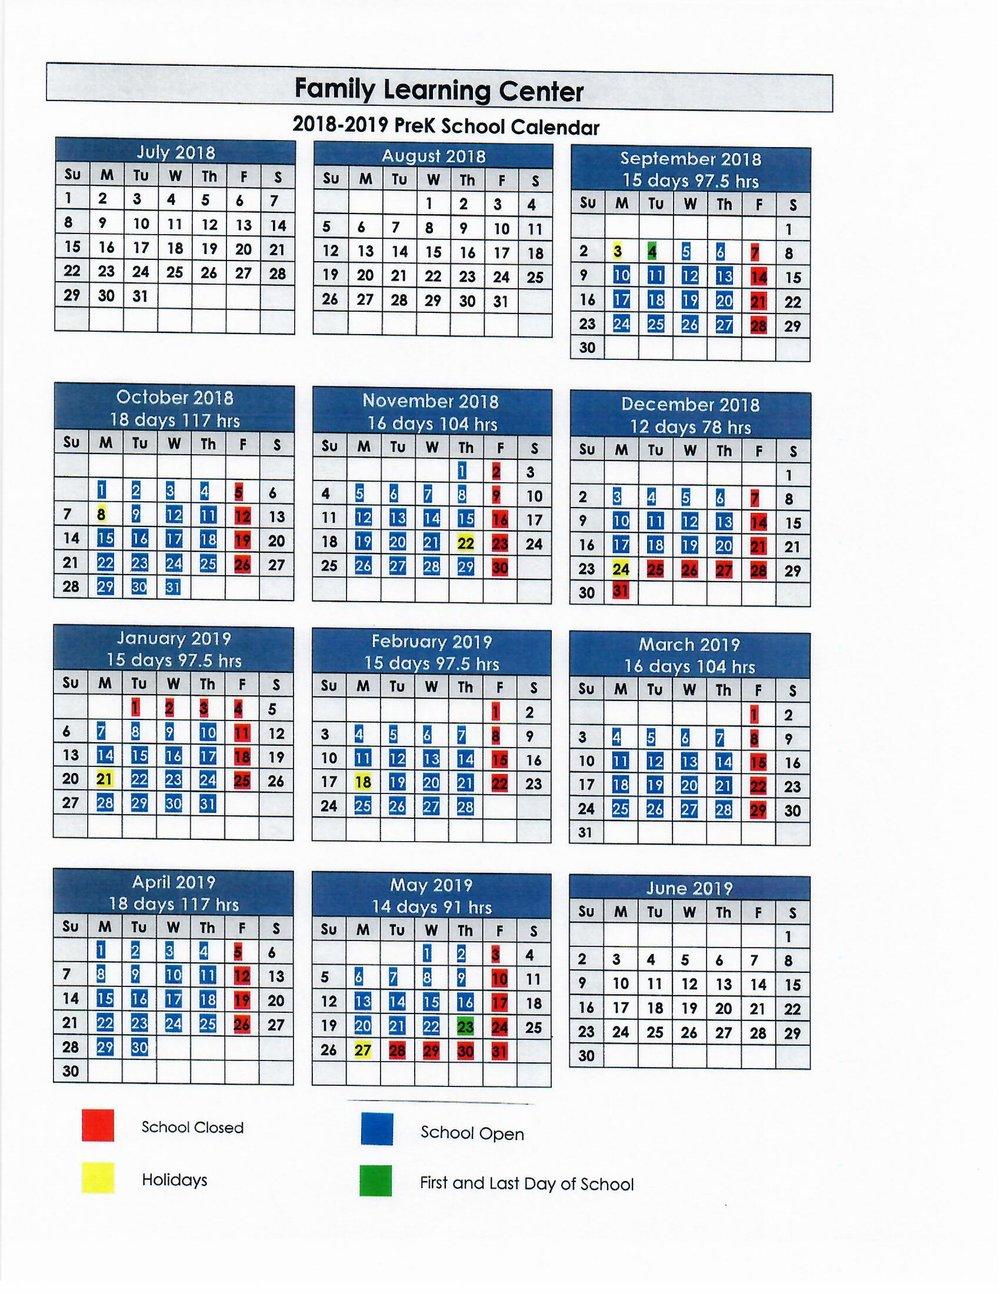 18-19 PreK School Calendar.jpg